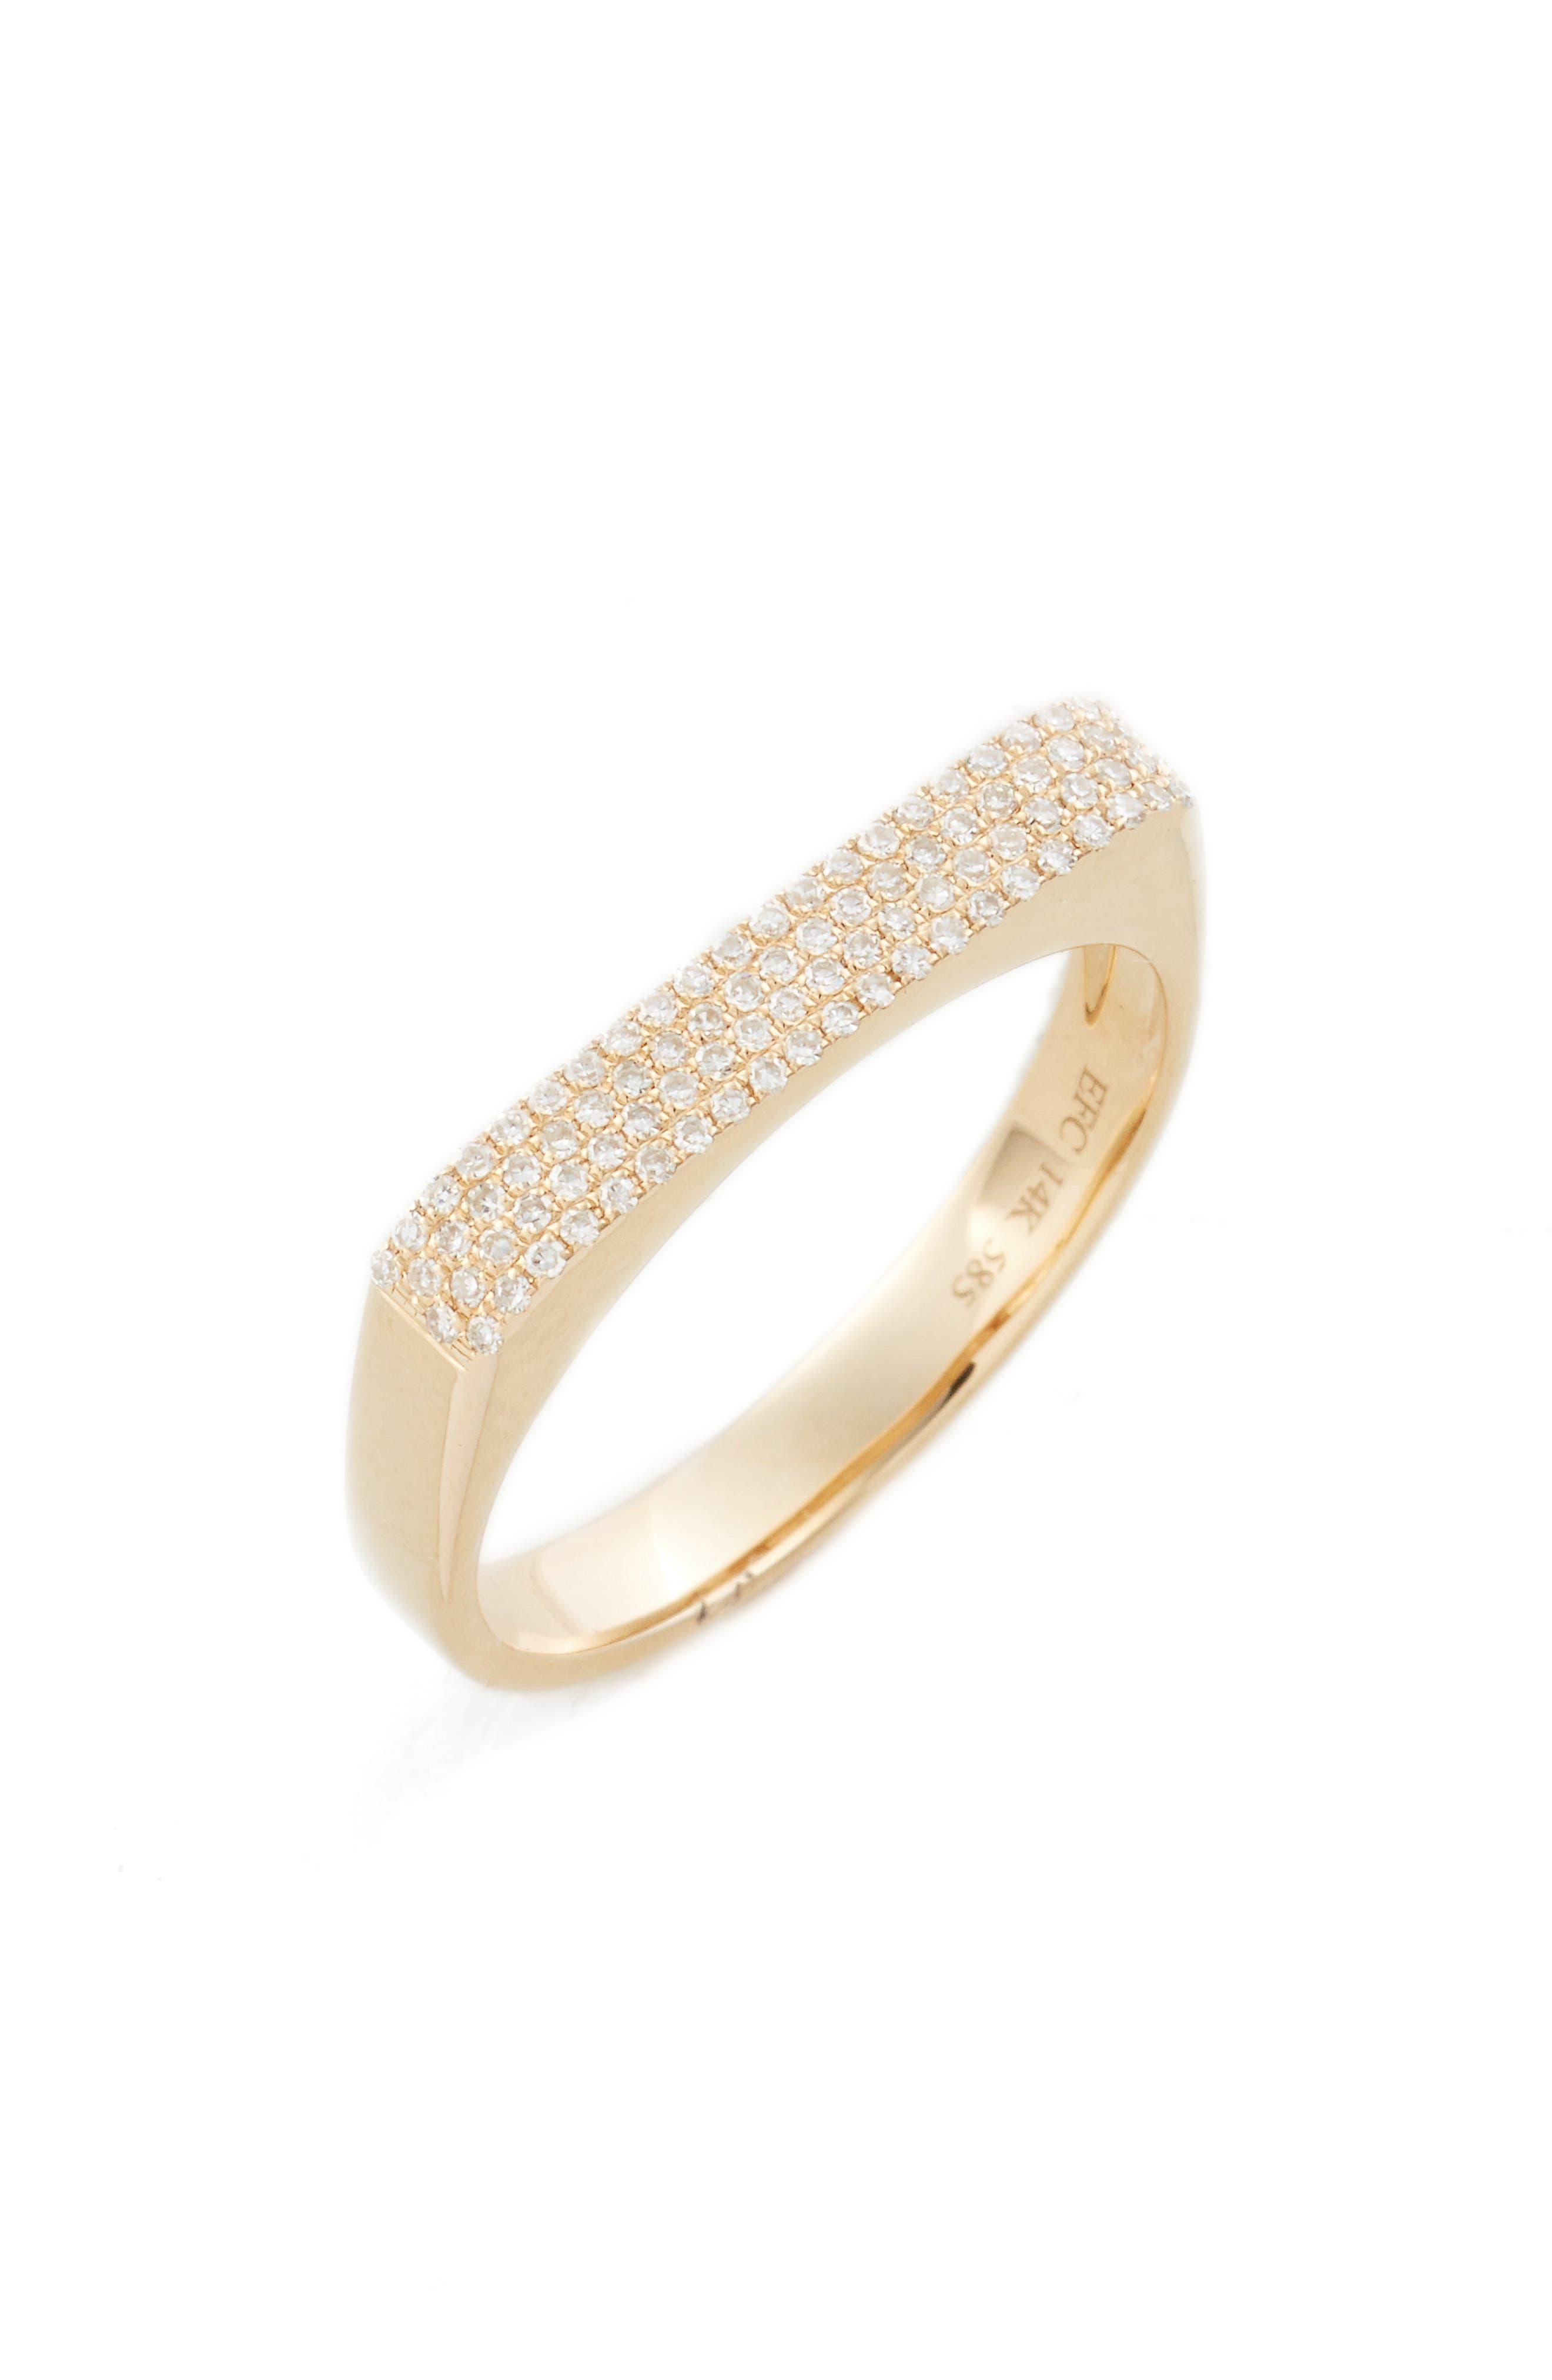 Main Image - EF COLLECTION Jumbo Diamond Bar Ring